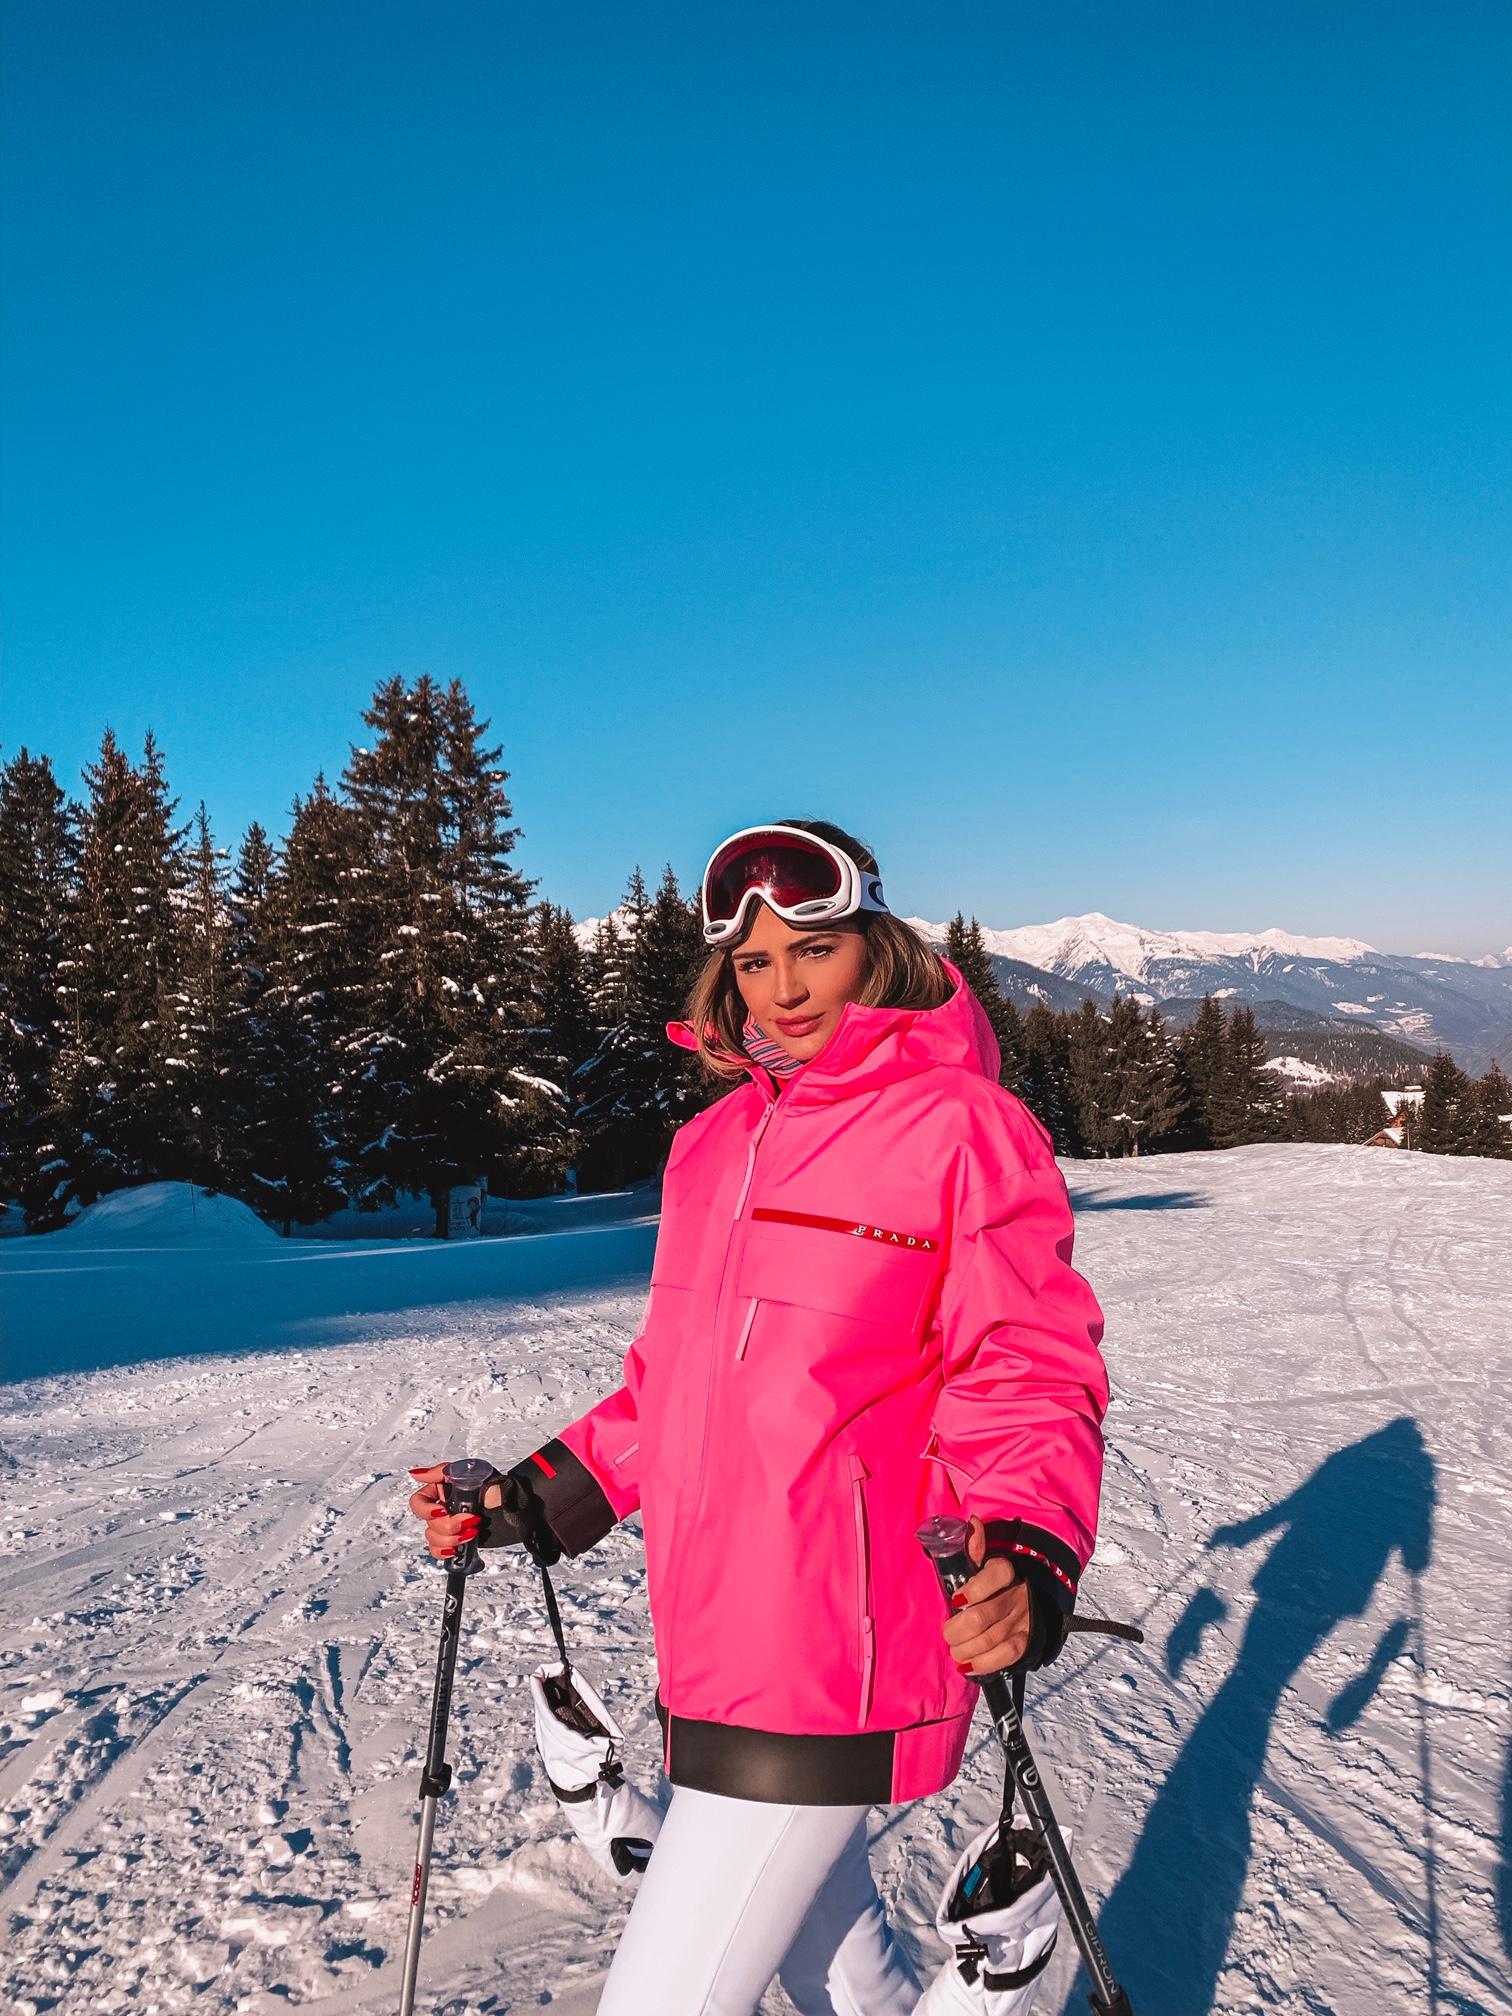 Thássia ski courchevel rosa neon 3